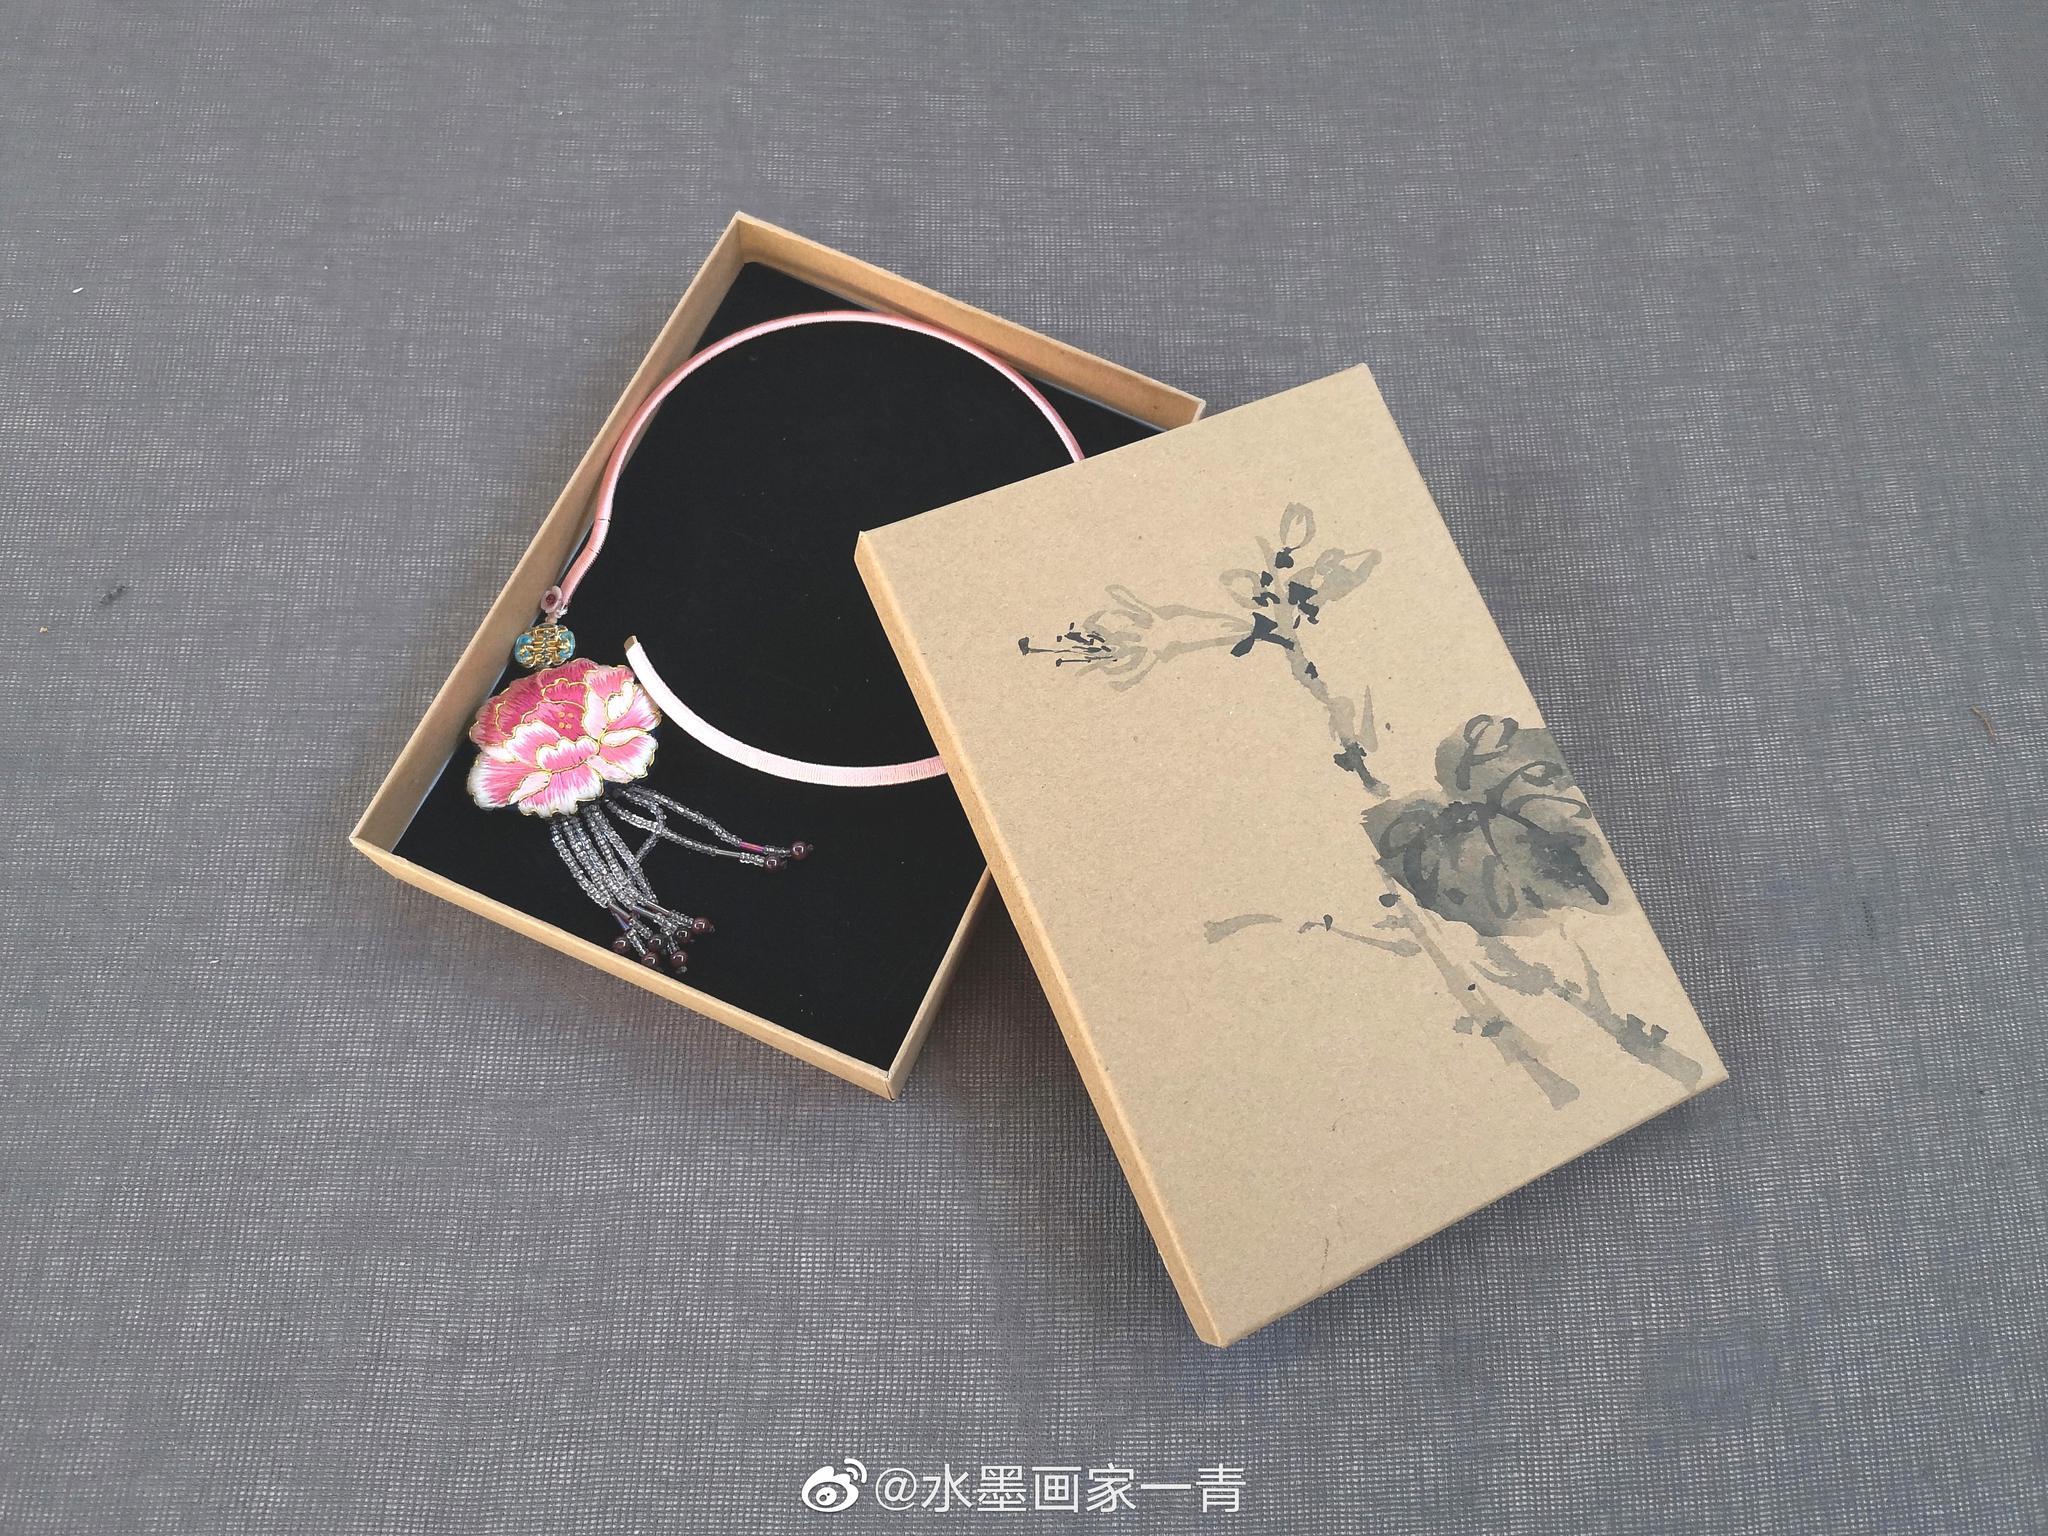 心灵手巧的手工饰品配上手绘包装盒